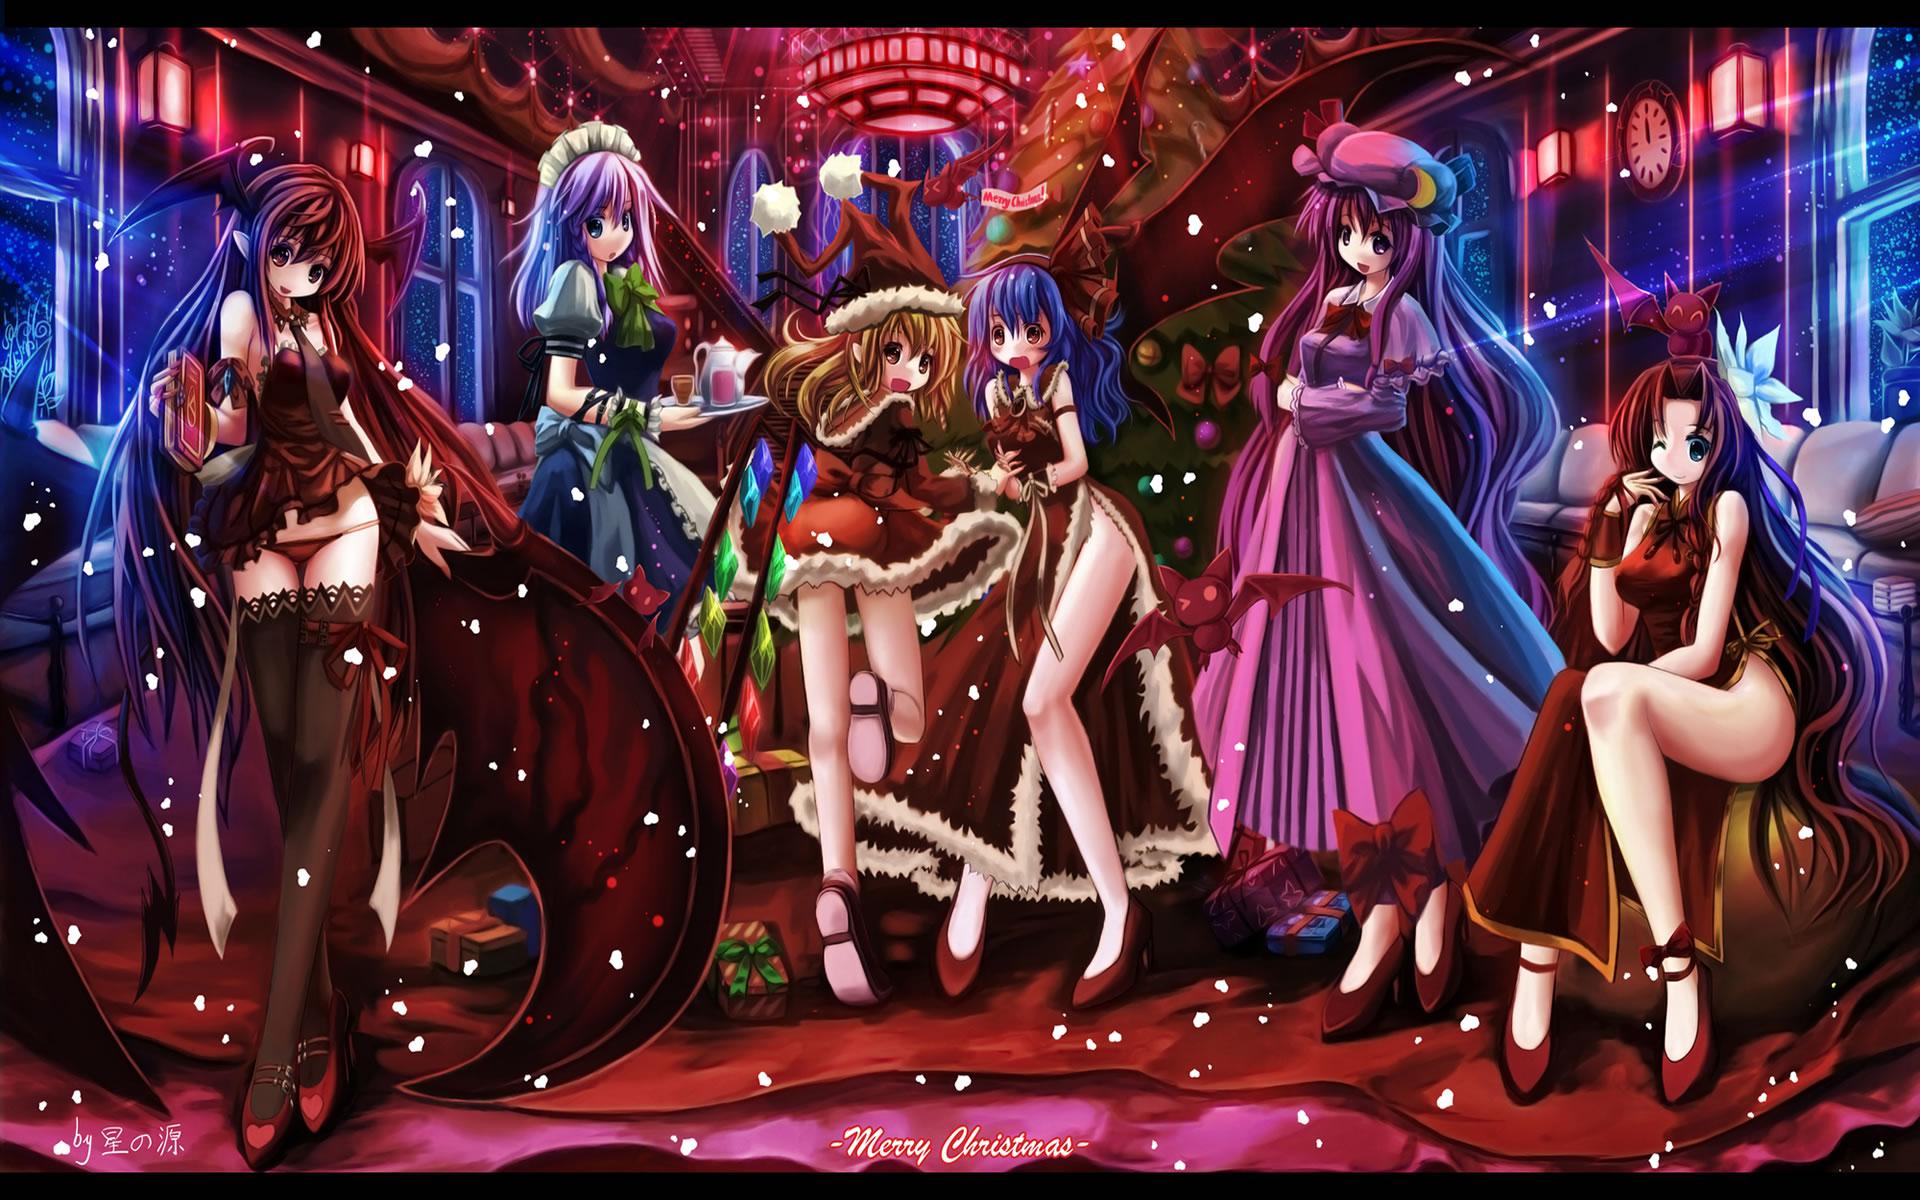 Merry christmas anime wallpapers - Anime merry christmas wallpaper ...